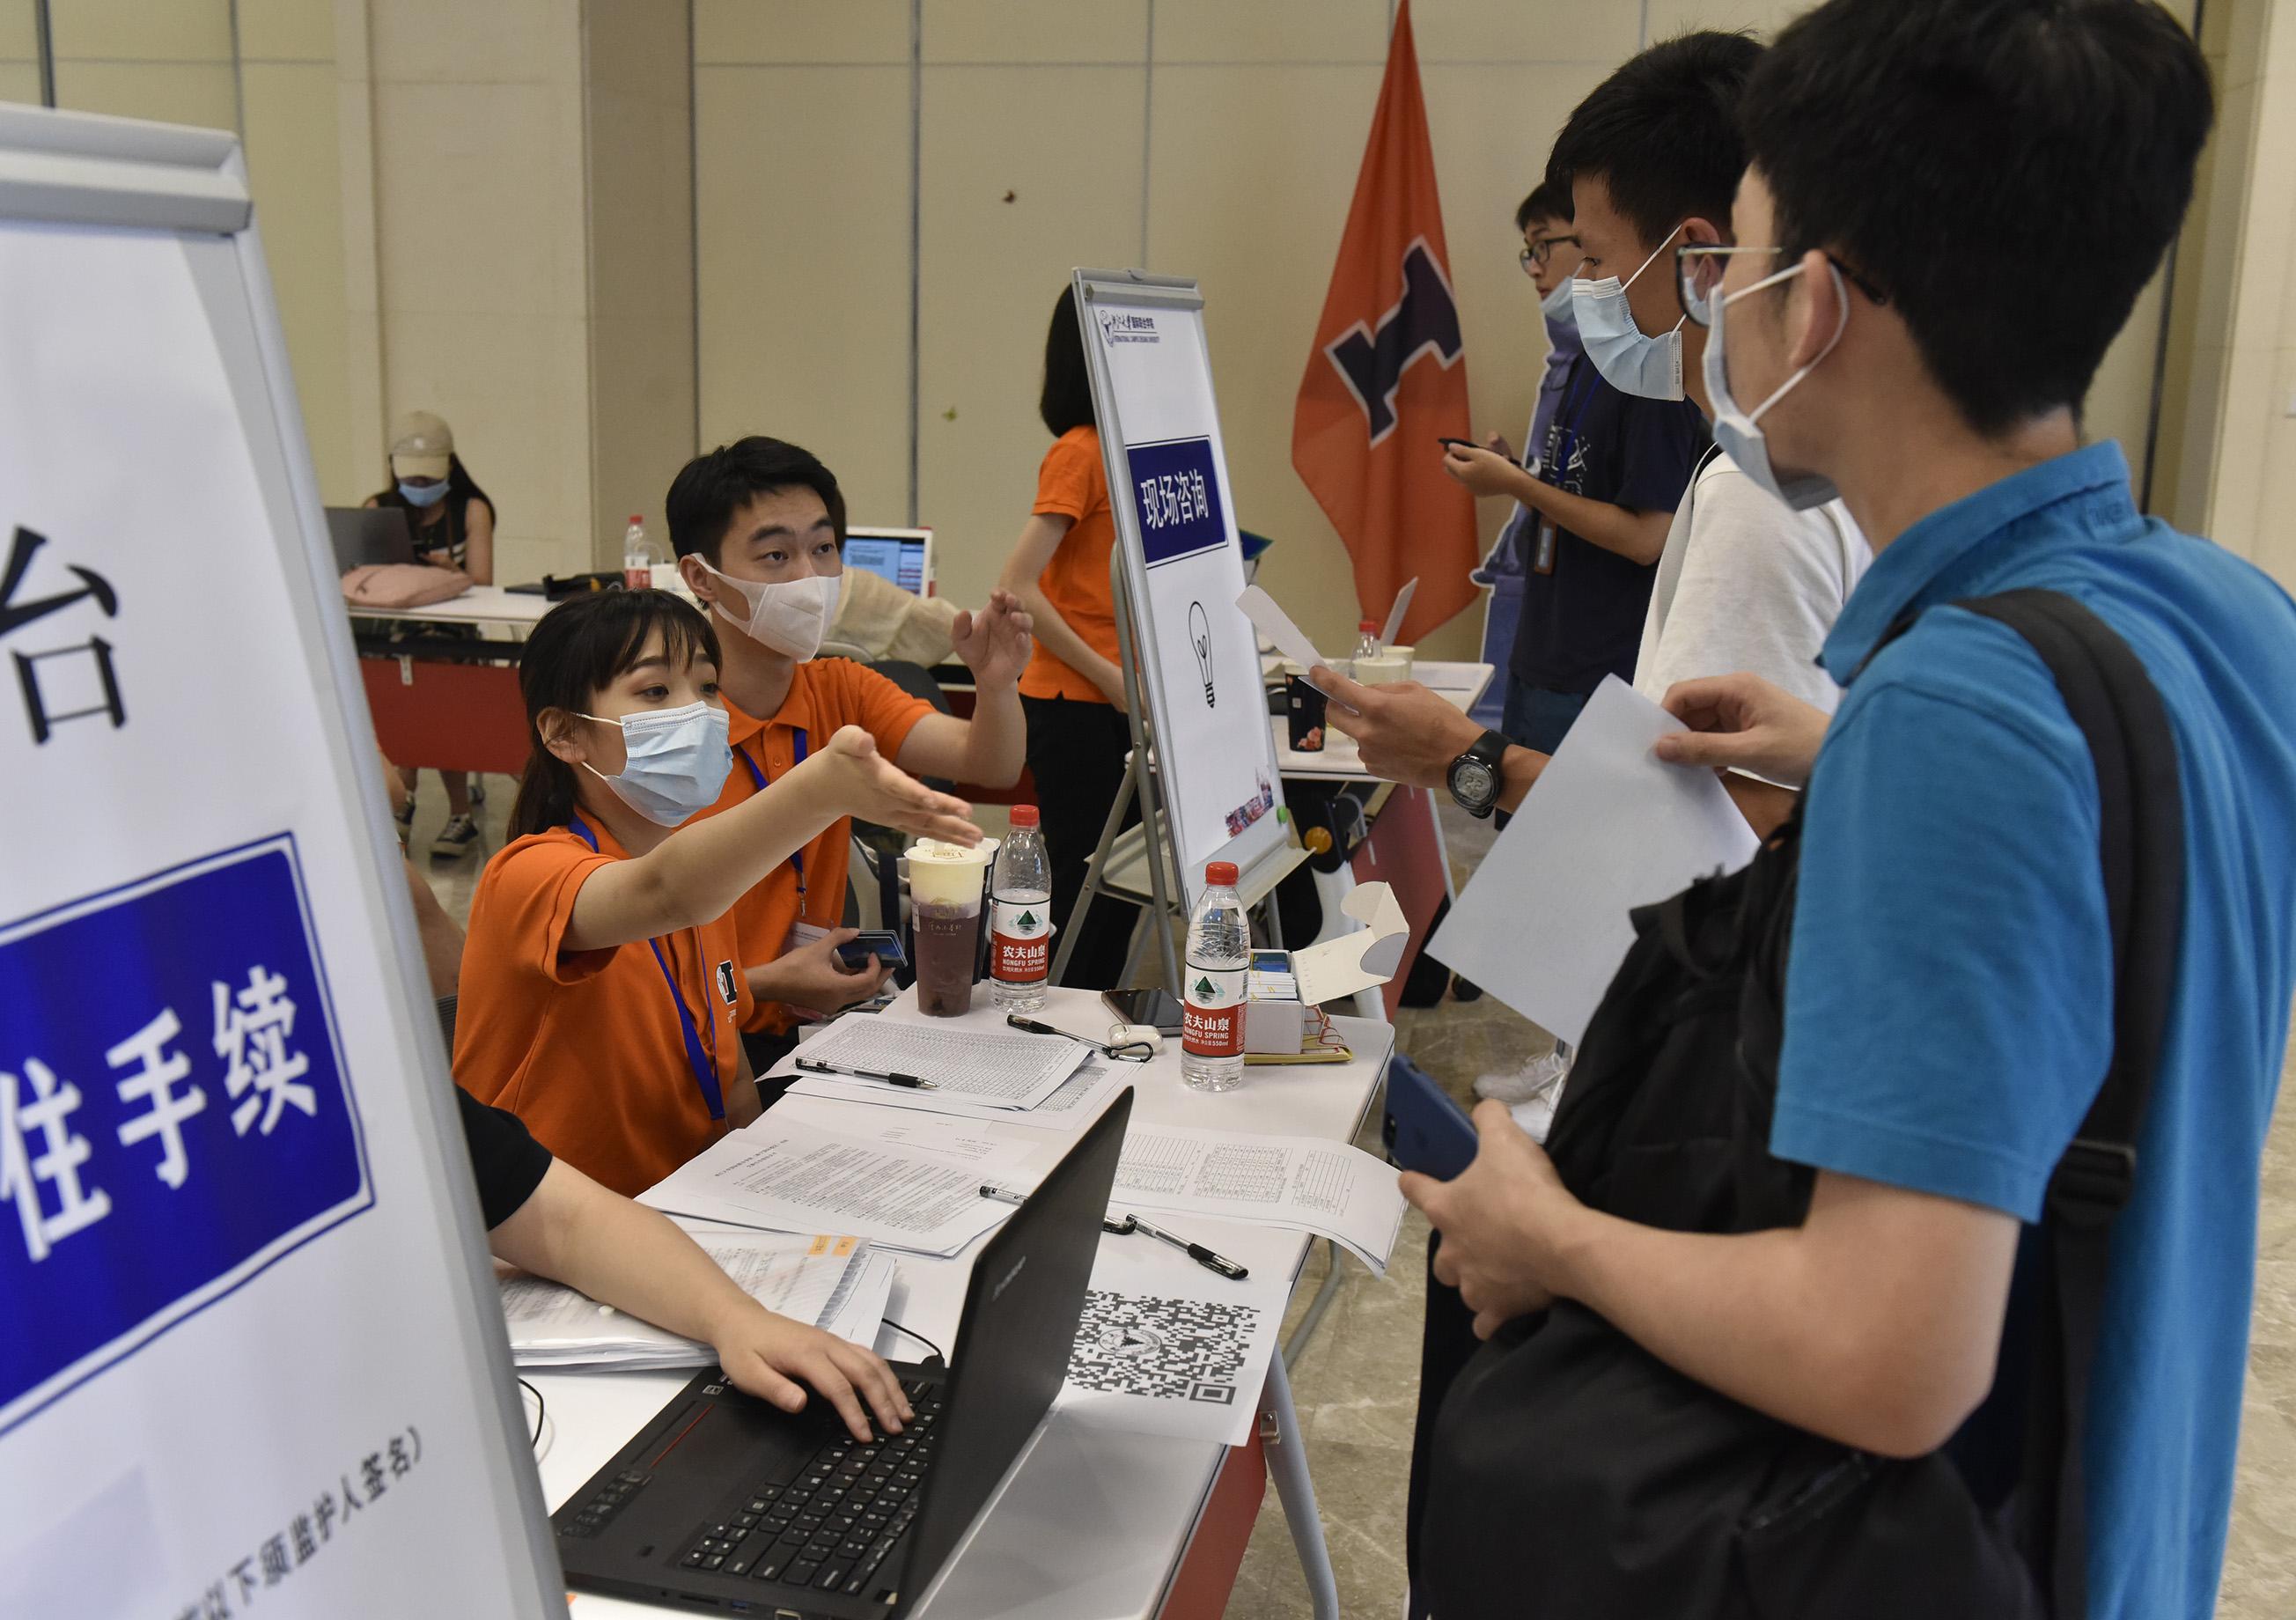 米国と中国の大学が連携、渡米できない留学生に特別なサポート